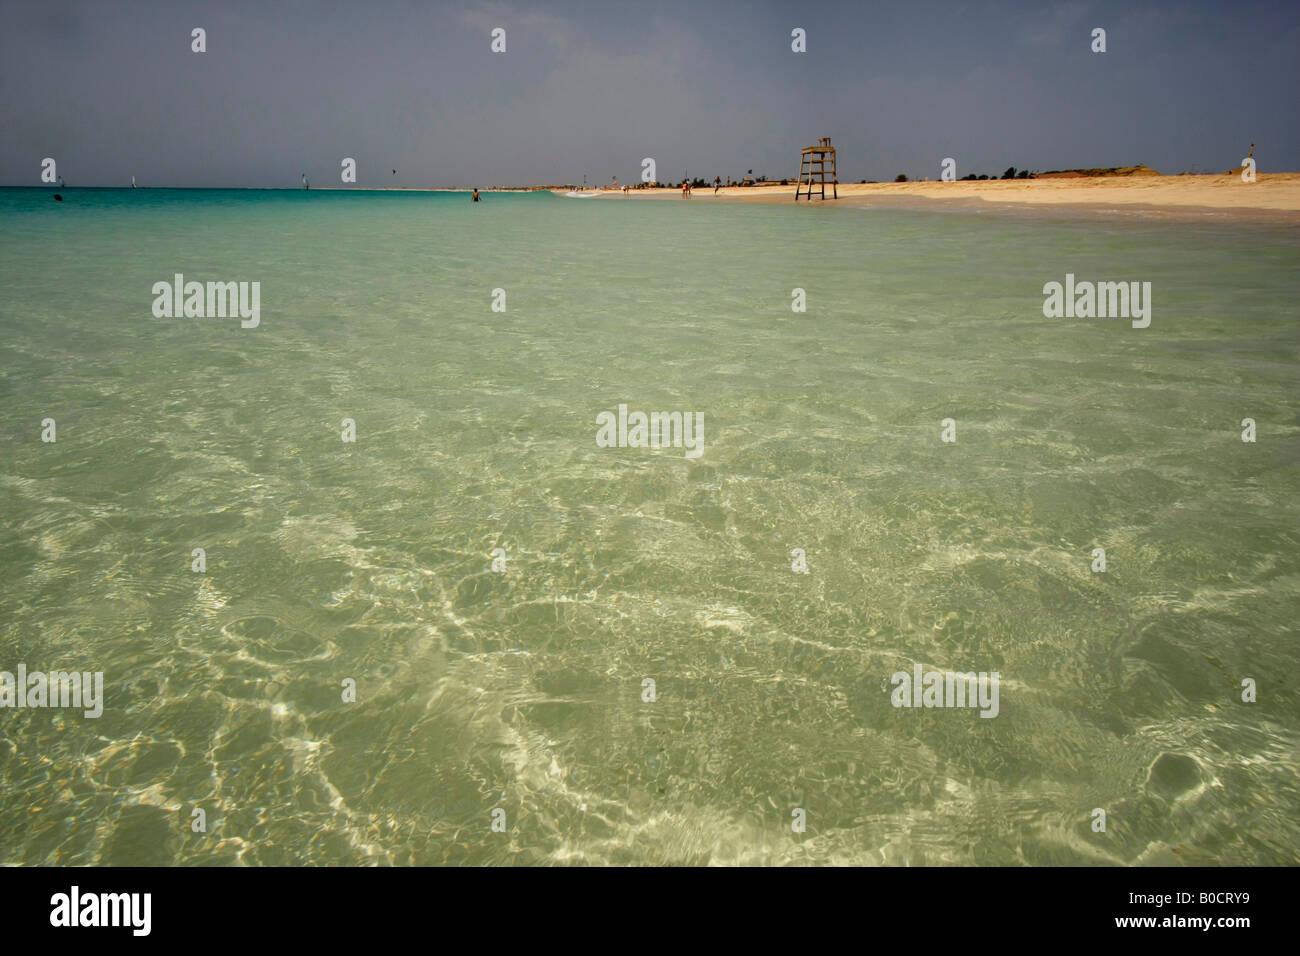 Las aguas cristalinas de la playa en la isla de Sal Santa Maria Foto de stock